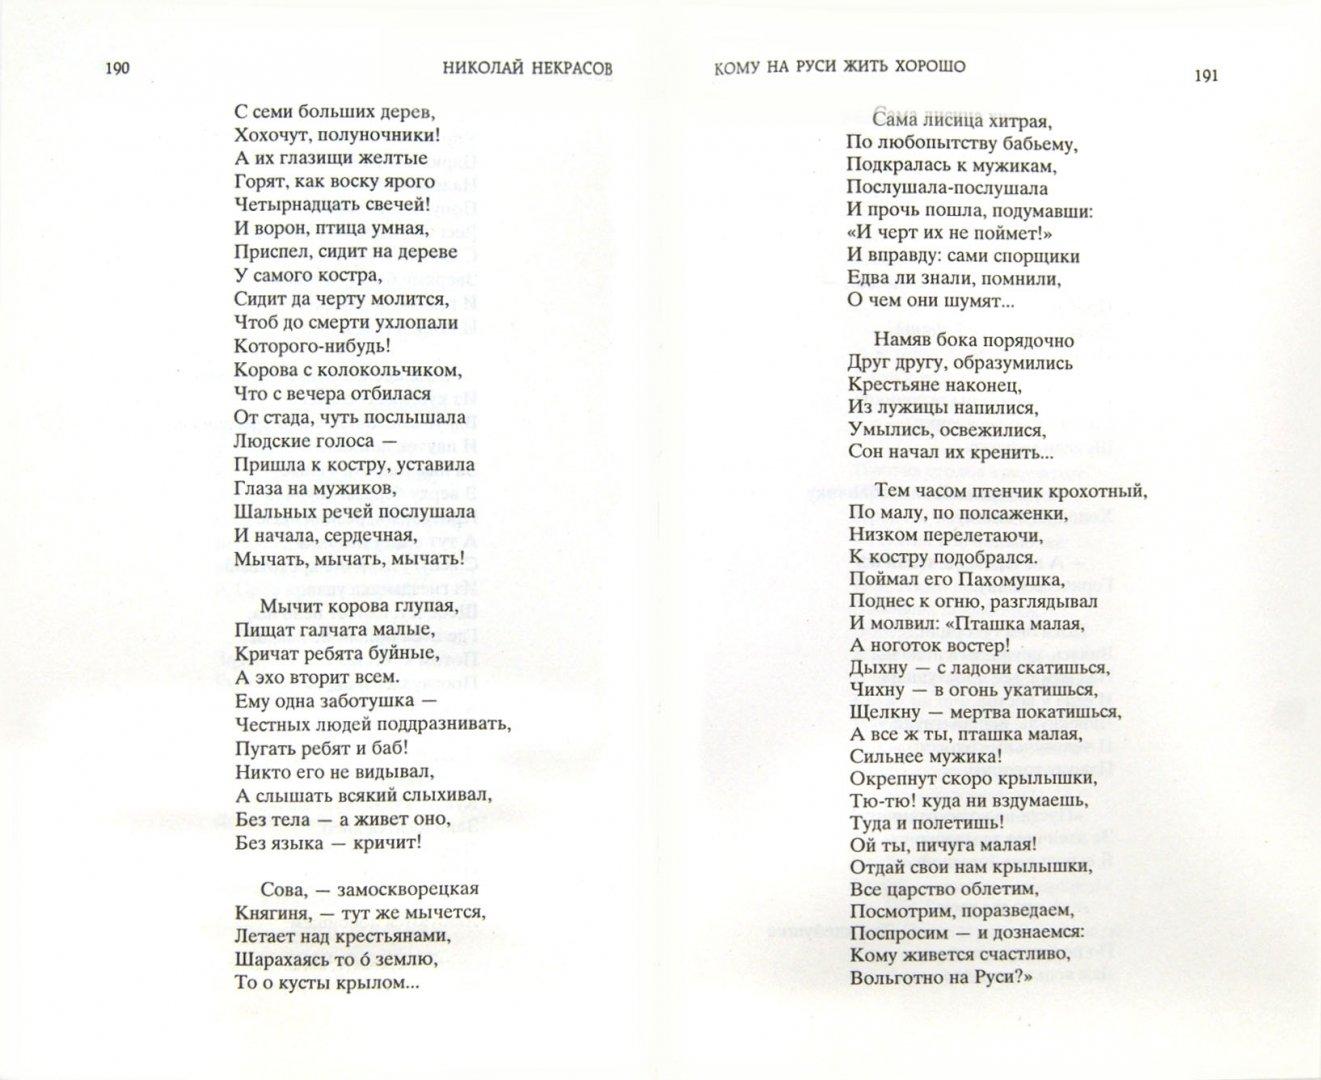 Иллюстрация 1 из 5 для Кому на Руси жить хорошо. Избранные произведения - Николай Некрасов | Лабиринт - книги. Источник: Лабиринт